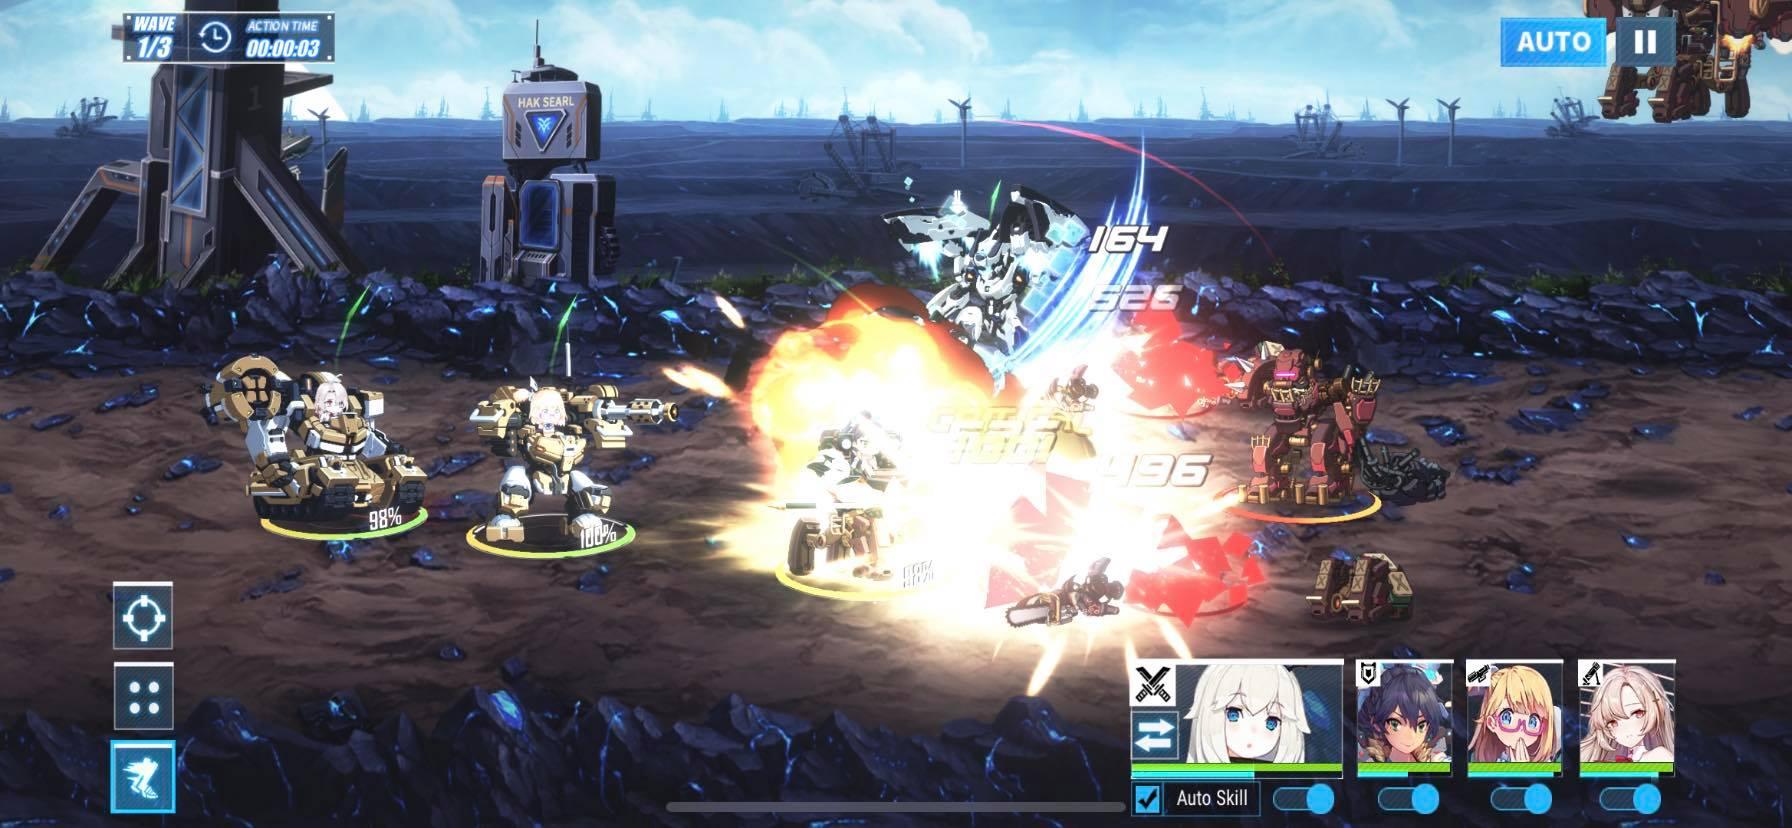 Final Gear 3102021 13